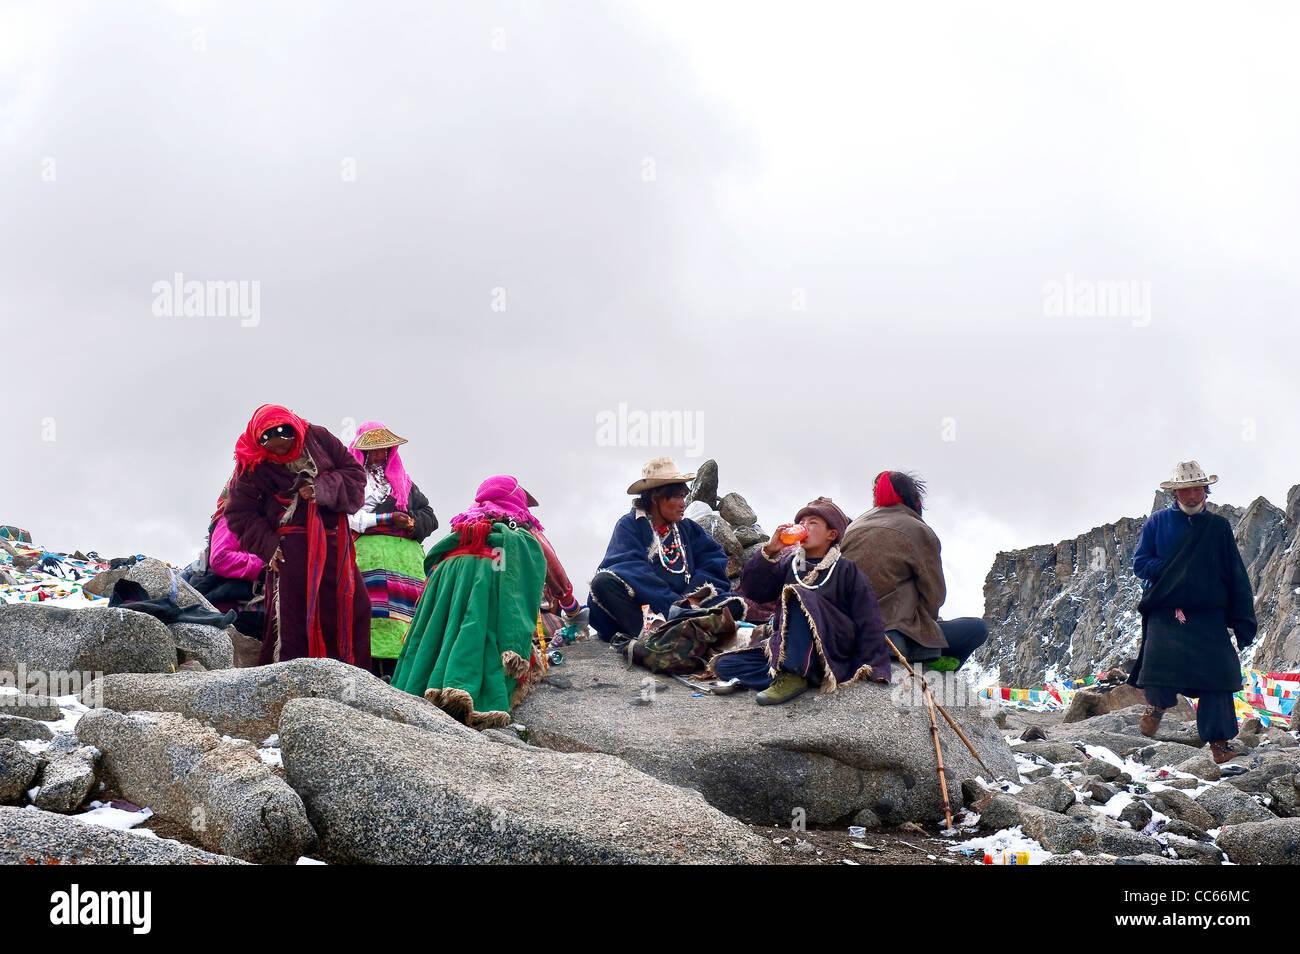 Tibetan people resting on a mountainside, Ngari, Tibet, China - Stock Image